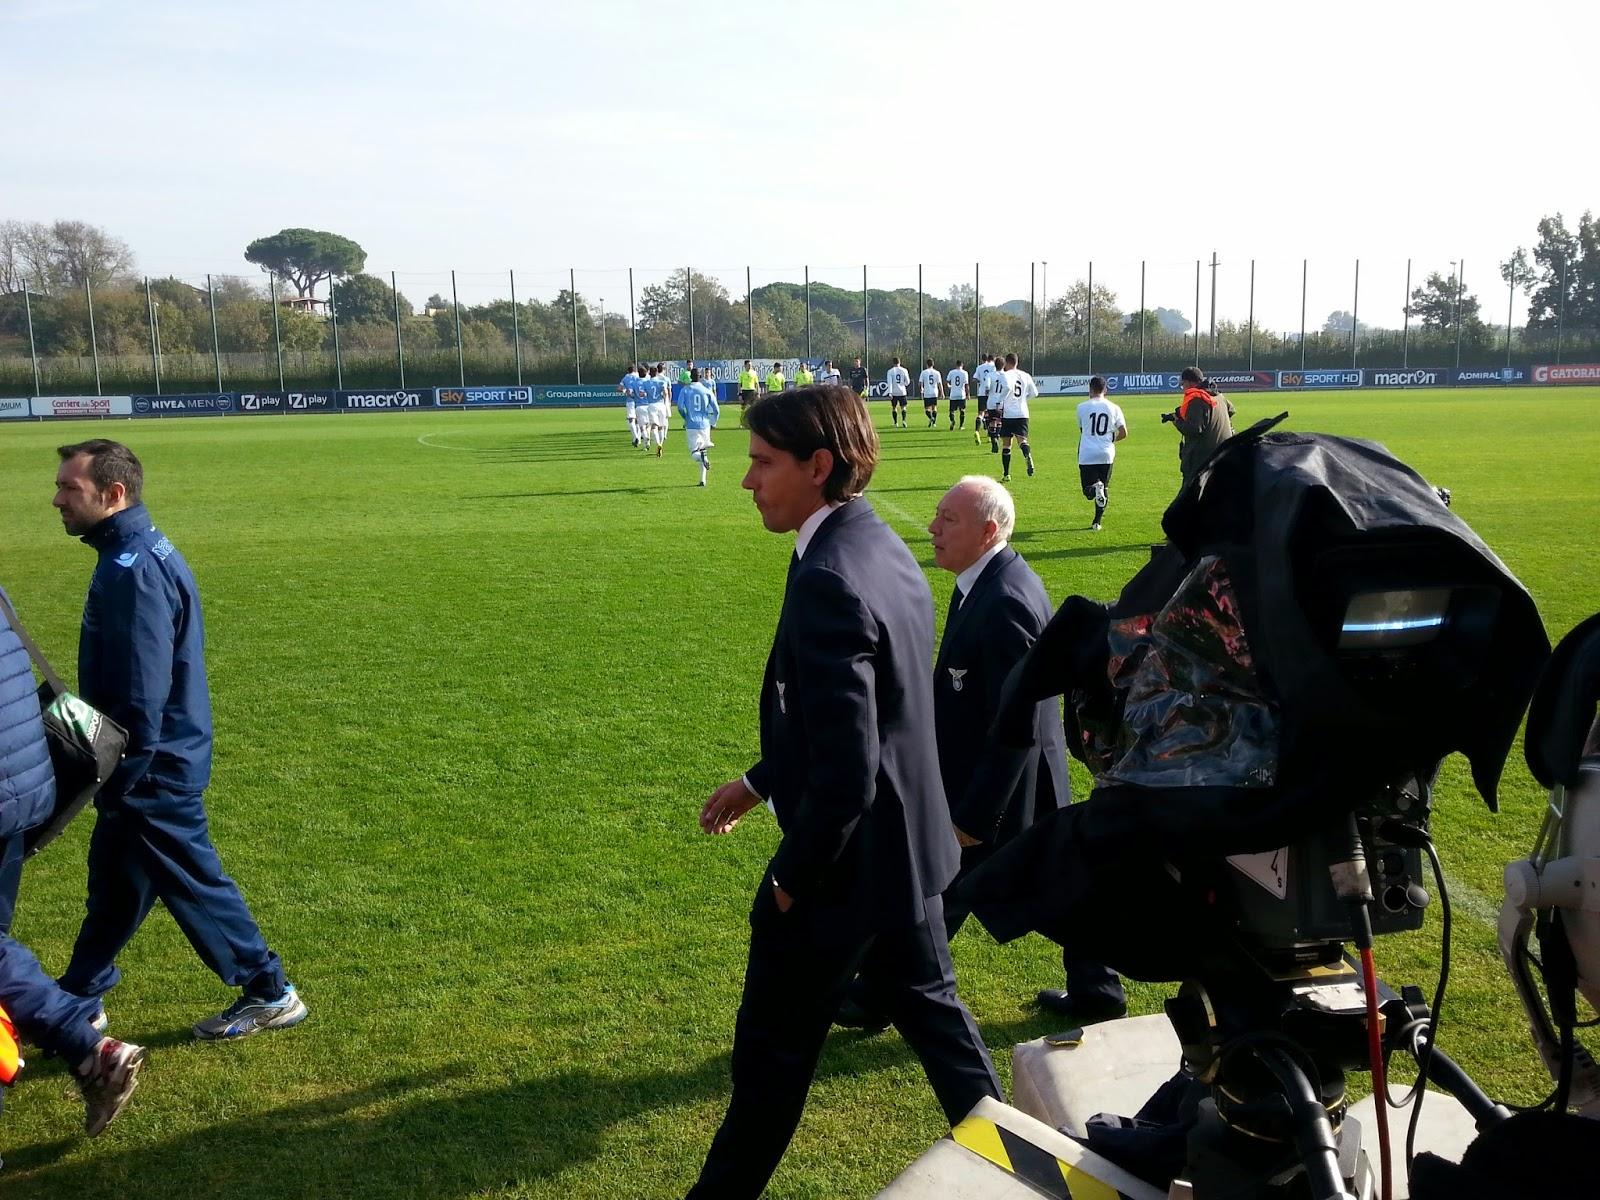 La panchina della Lazio, e le squadre mentre fanno il loro ingresso in campo. fotosportnotizie.com